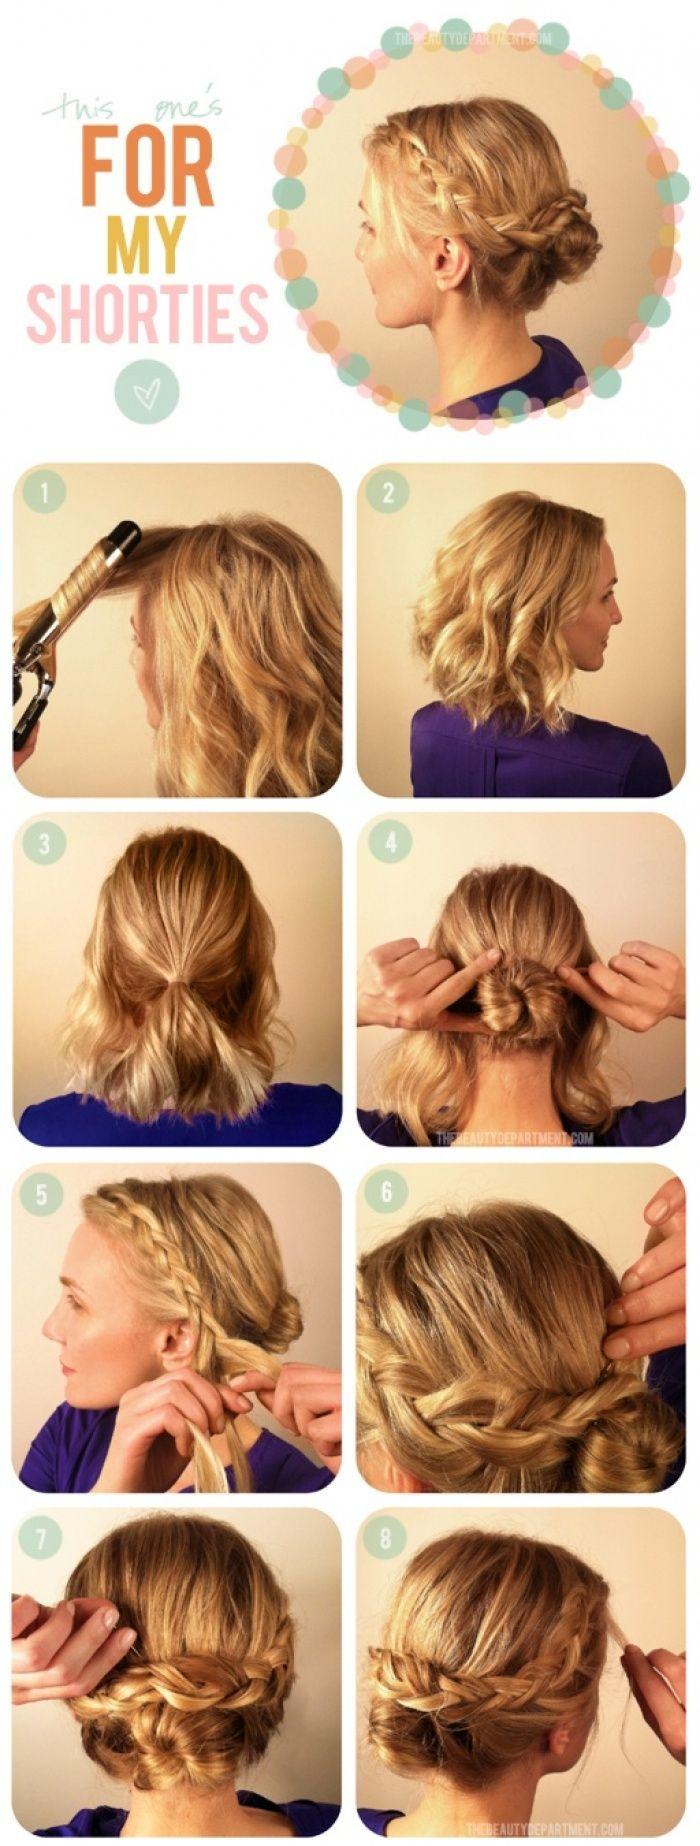 Фото-урок плетения косы на короткие волосы